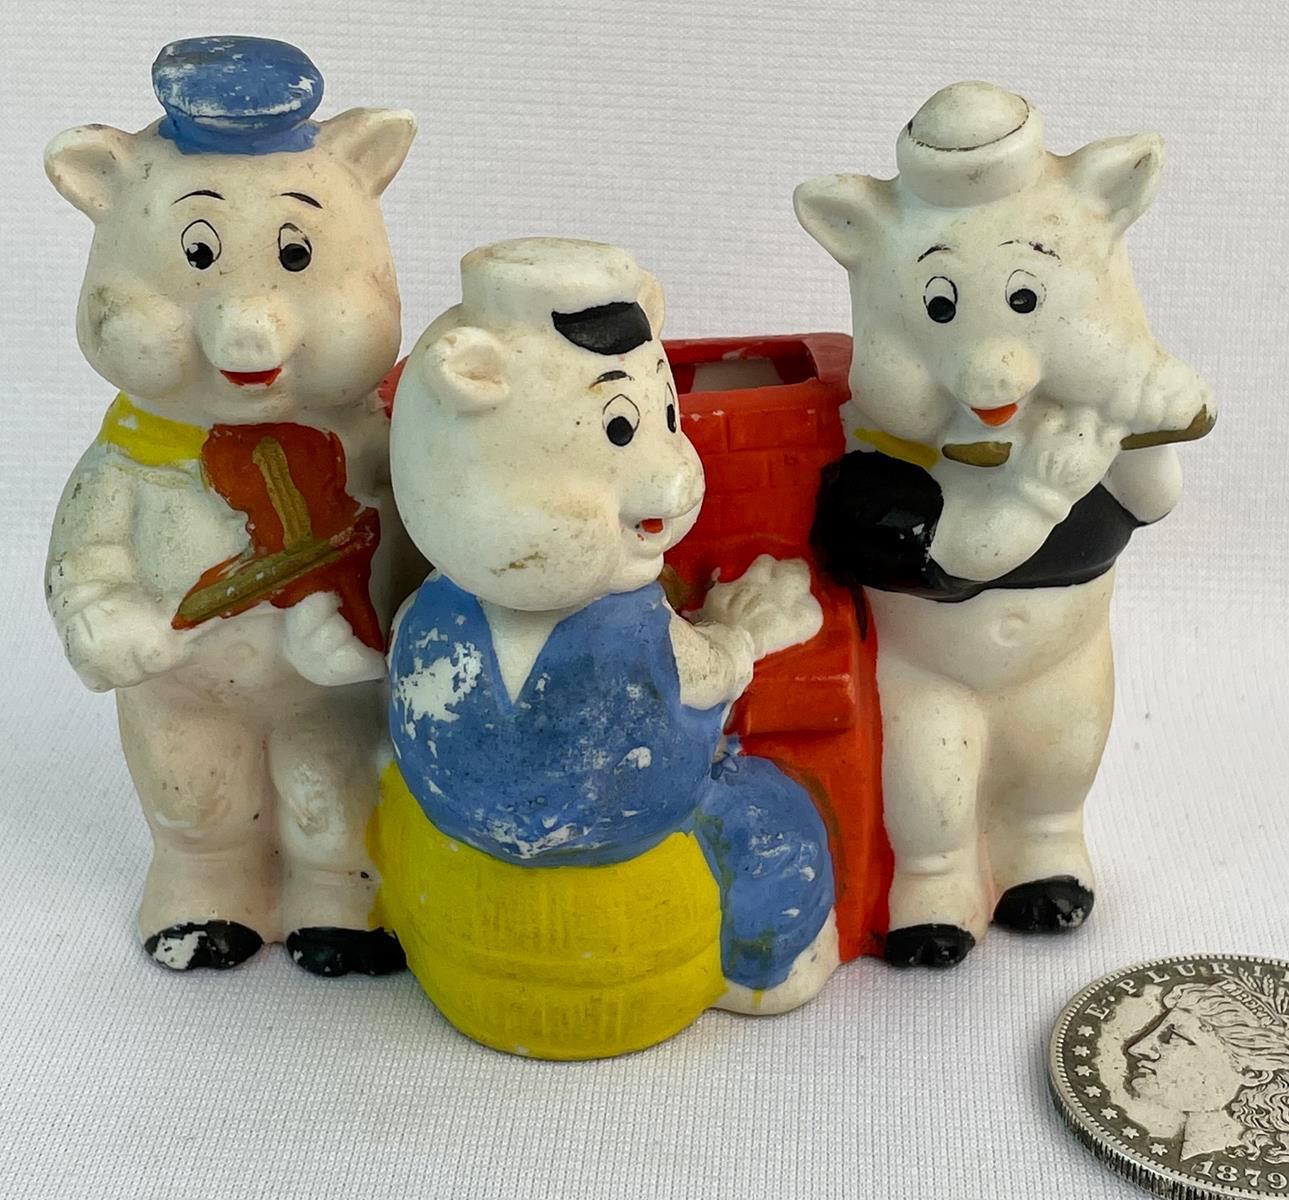 1930's Walt Disney's Three Little Pigs Bisque Figurine Toothbrush Holder